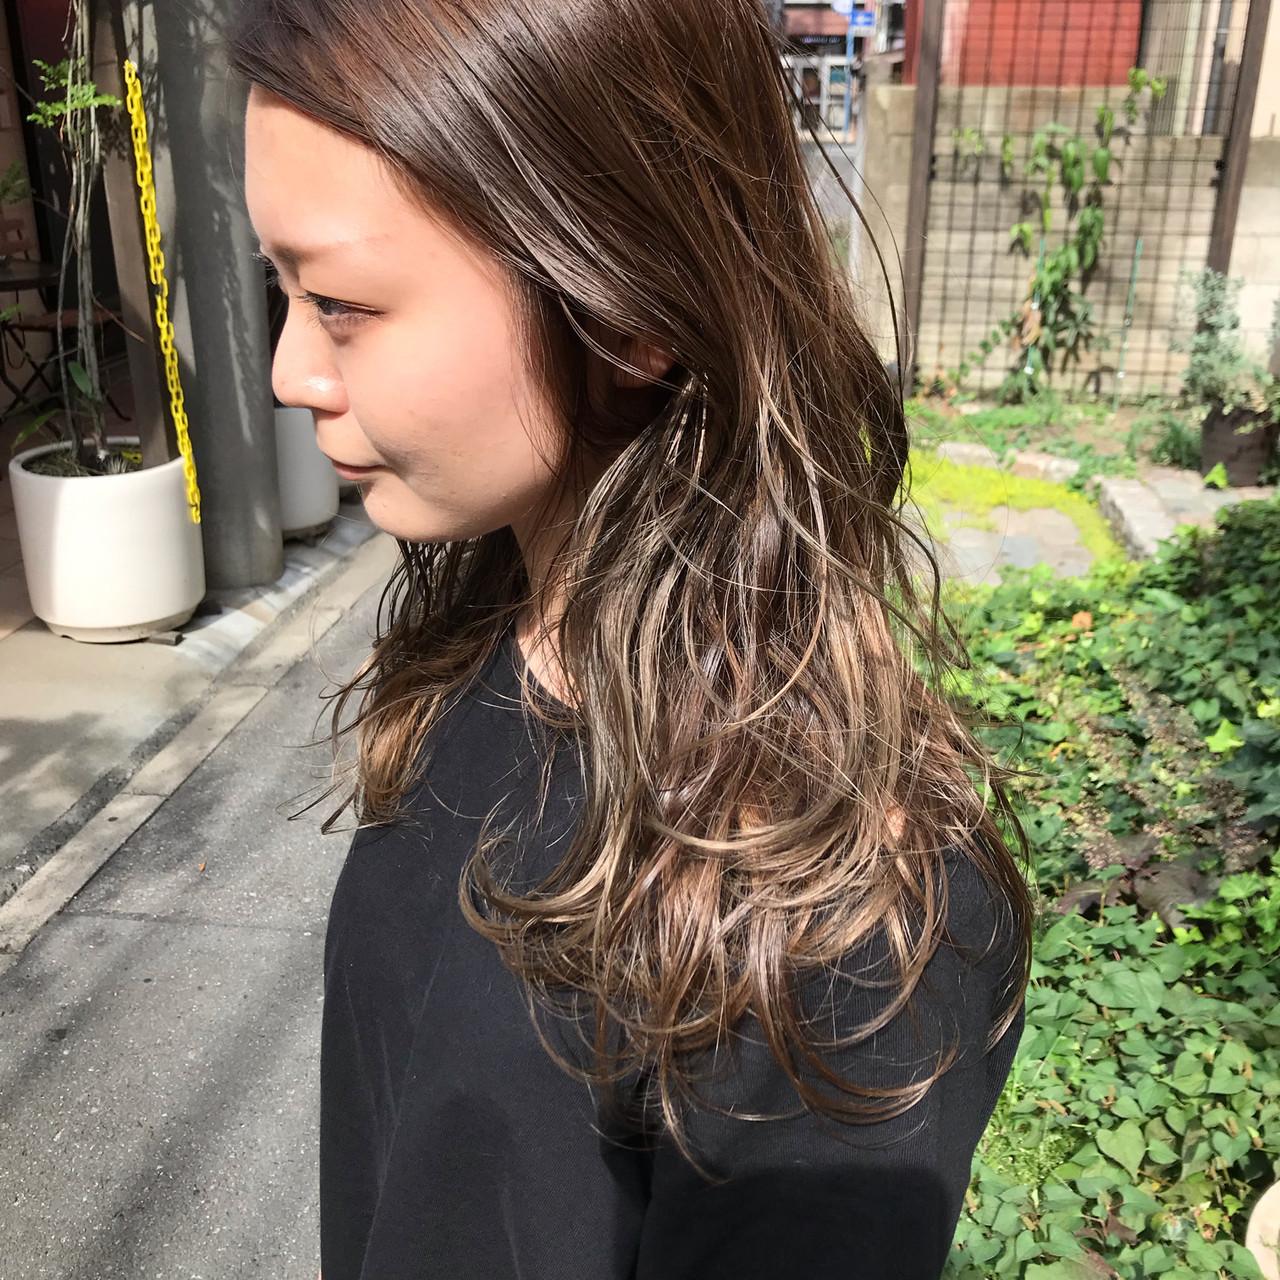 カーキアッシュ デザインカラー パーマ ロング ヘアスタイルや髪型の写真・画像